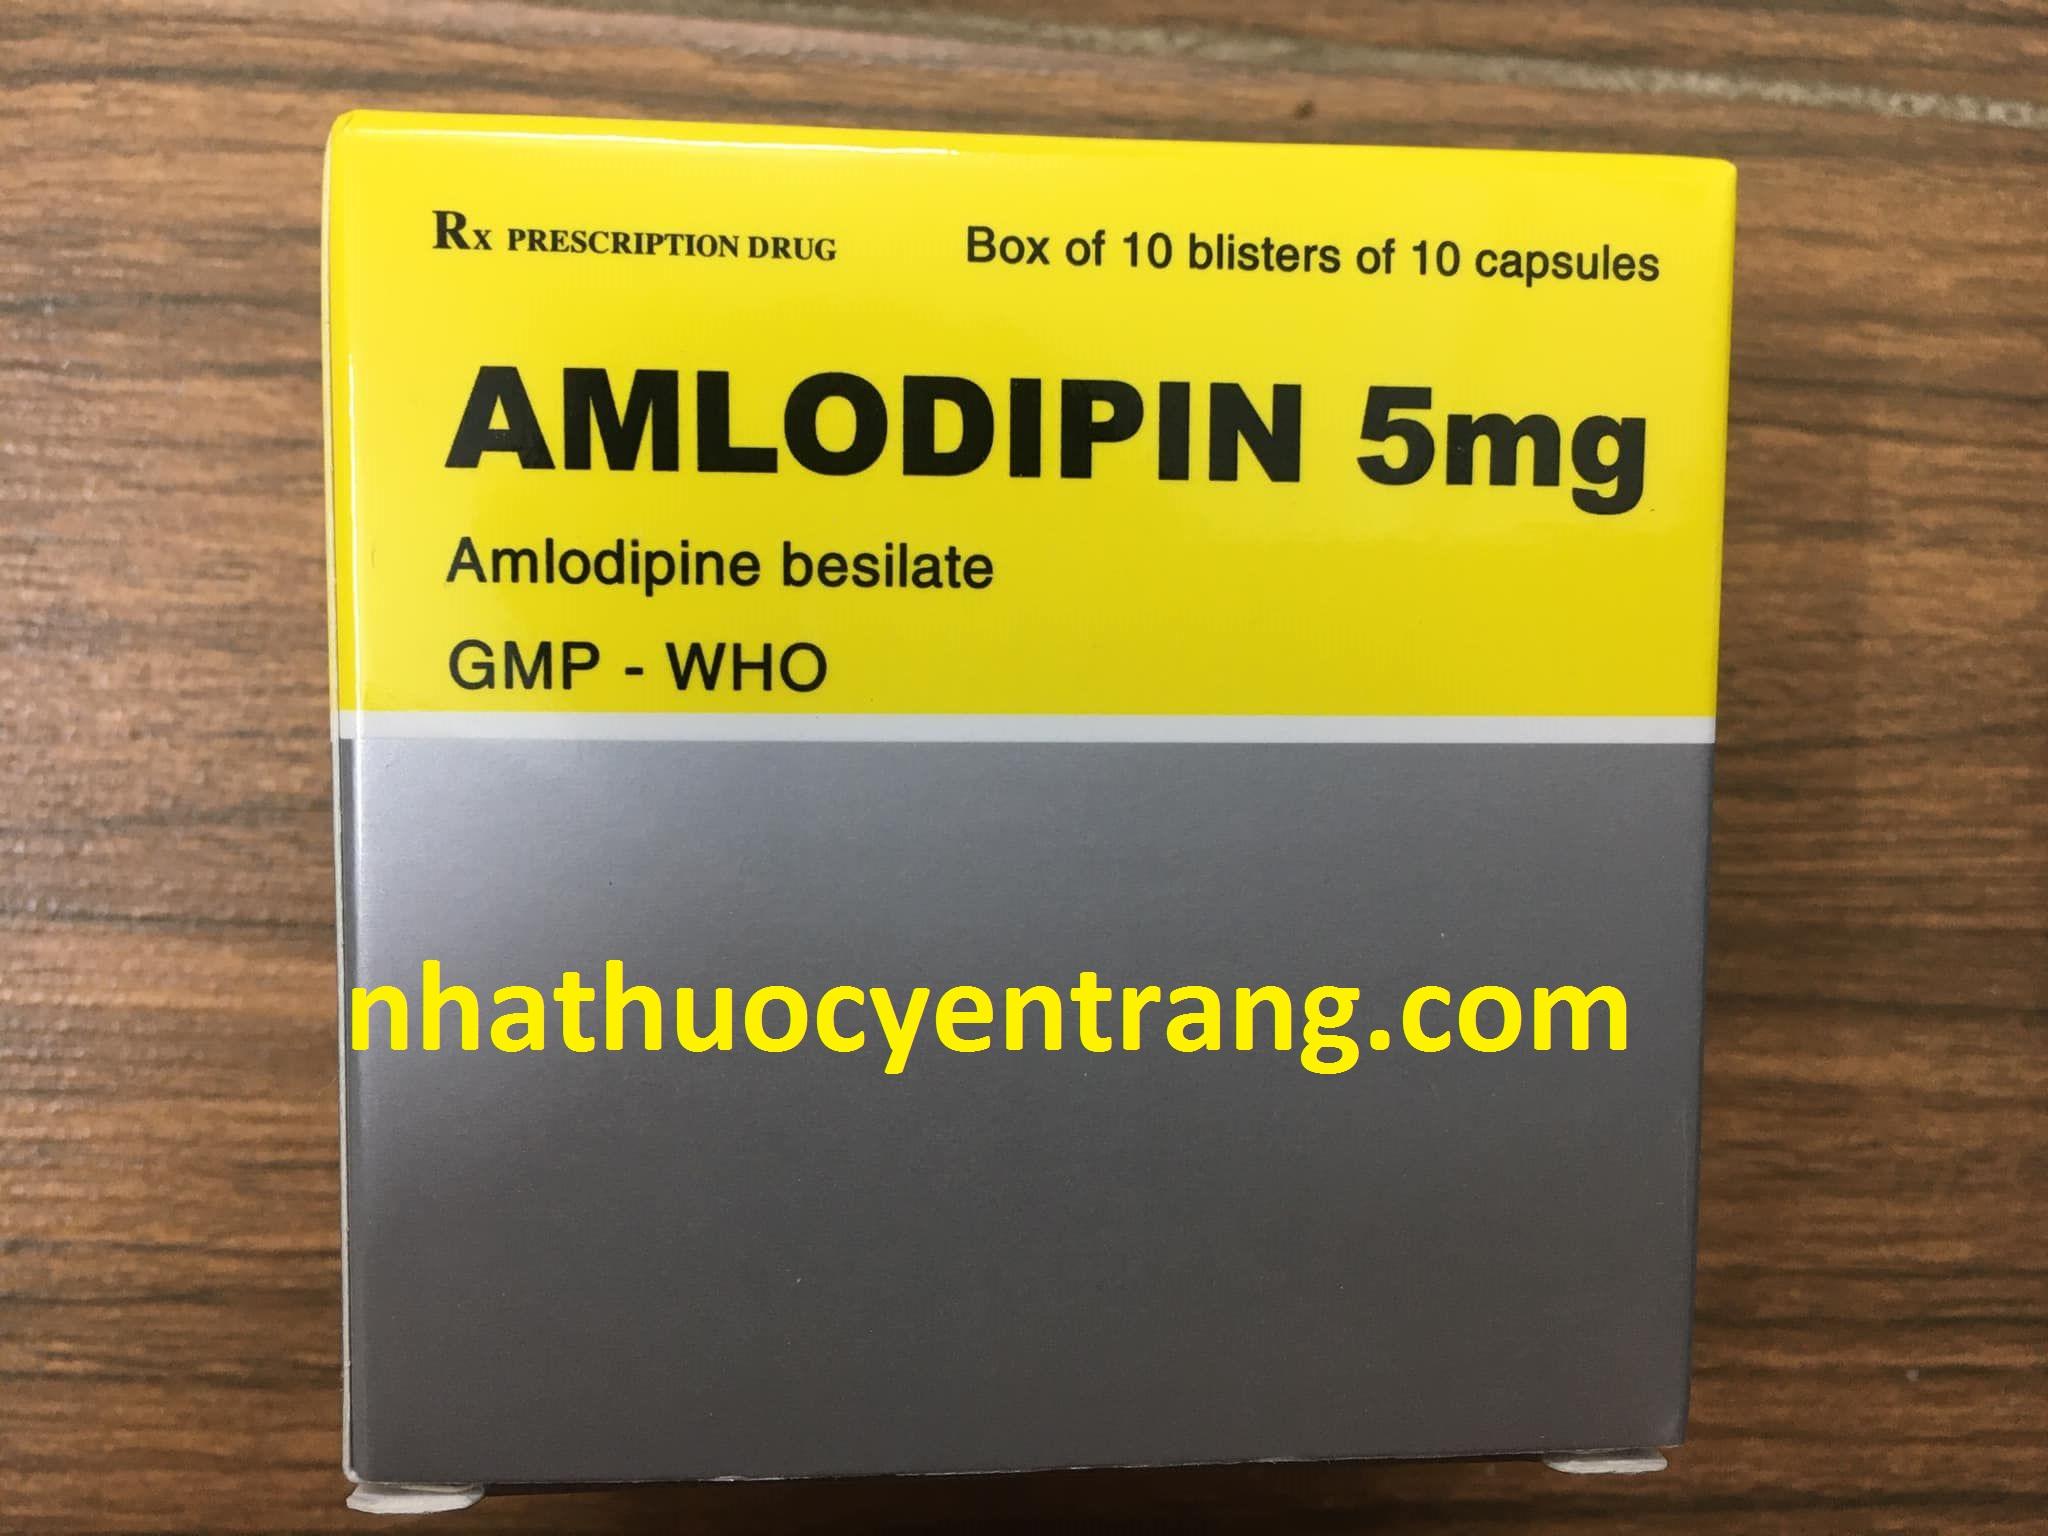 Amlodipin 5mg Vidipha